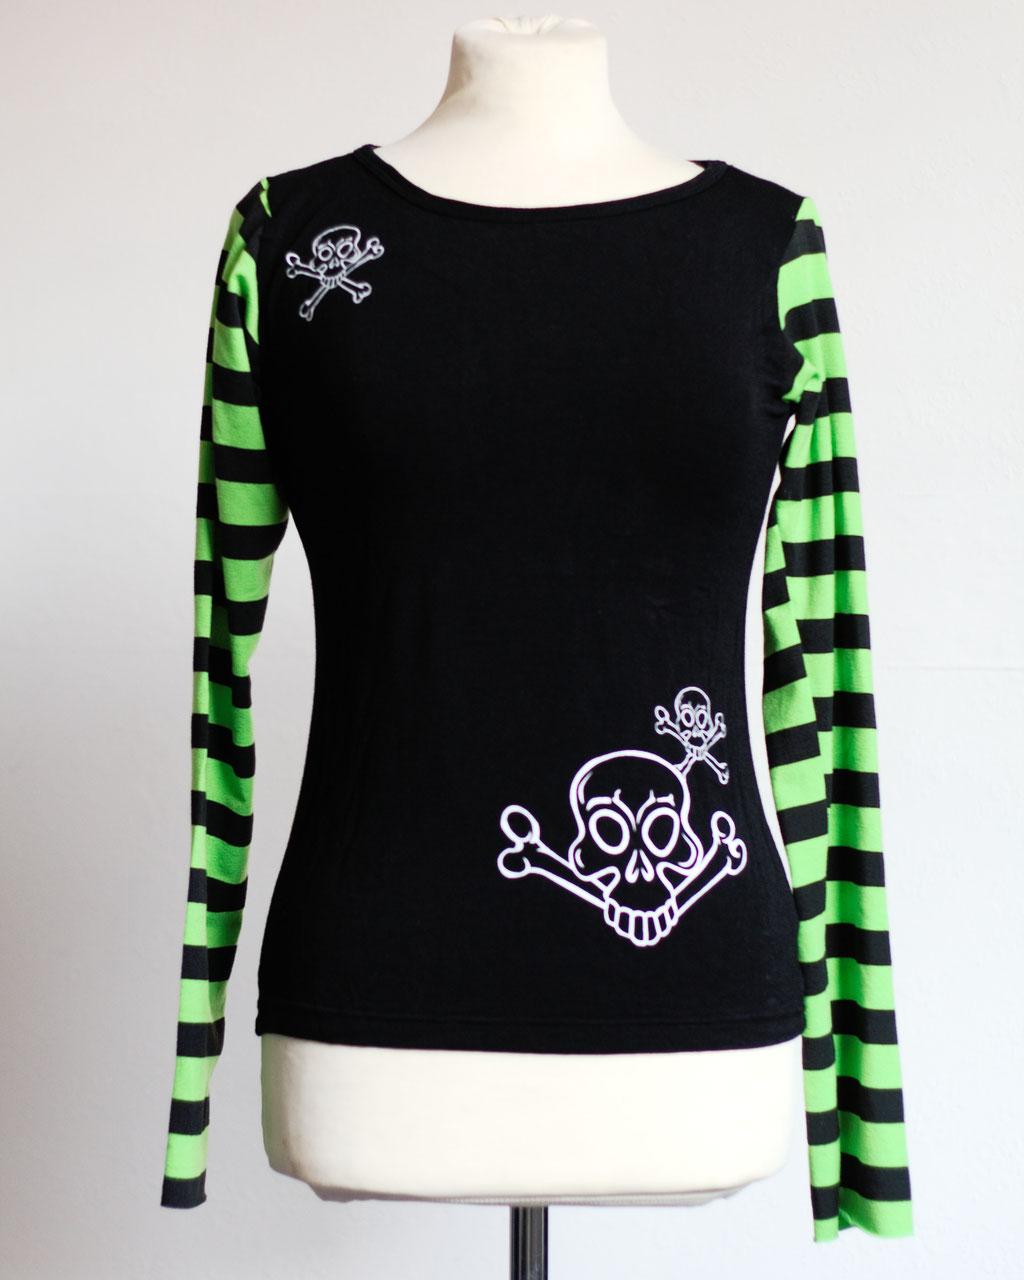 Flohmarkt: Oberteile - Langarm Shirt mit Totenköpfen und geringelten Ärmeln - Zebraspider DIY Anti-Fashion Blog